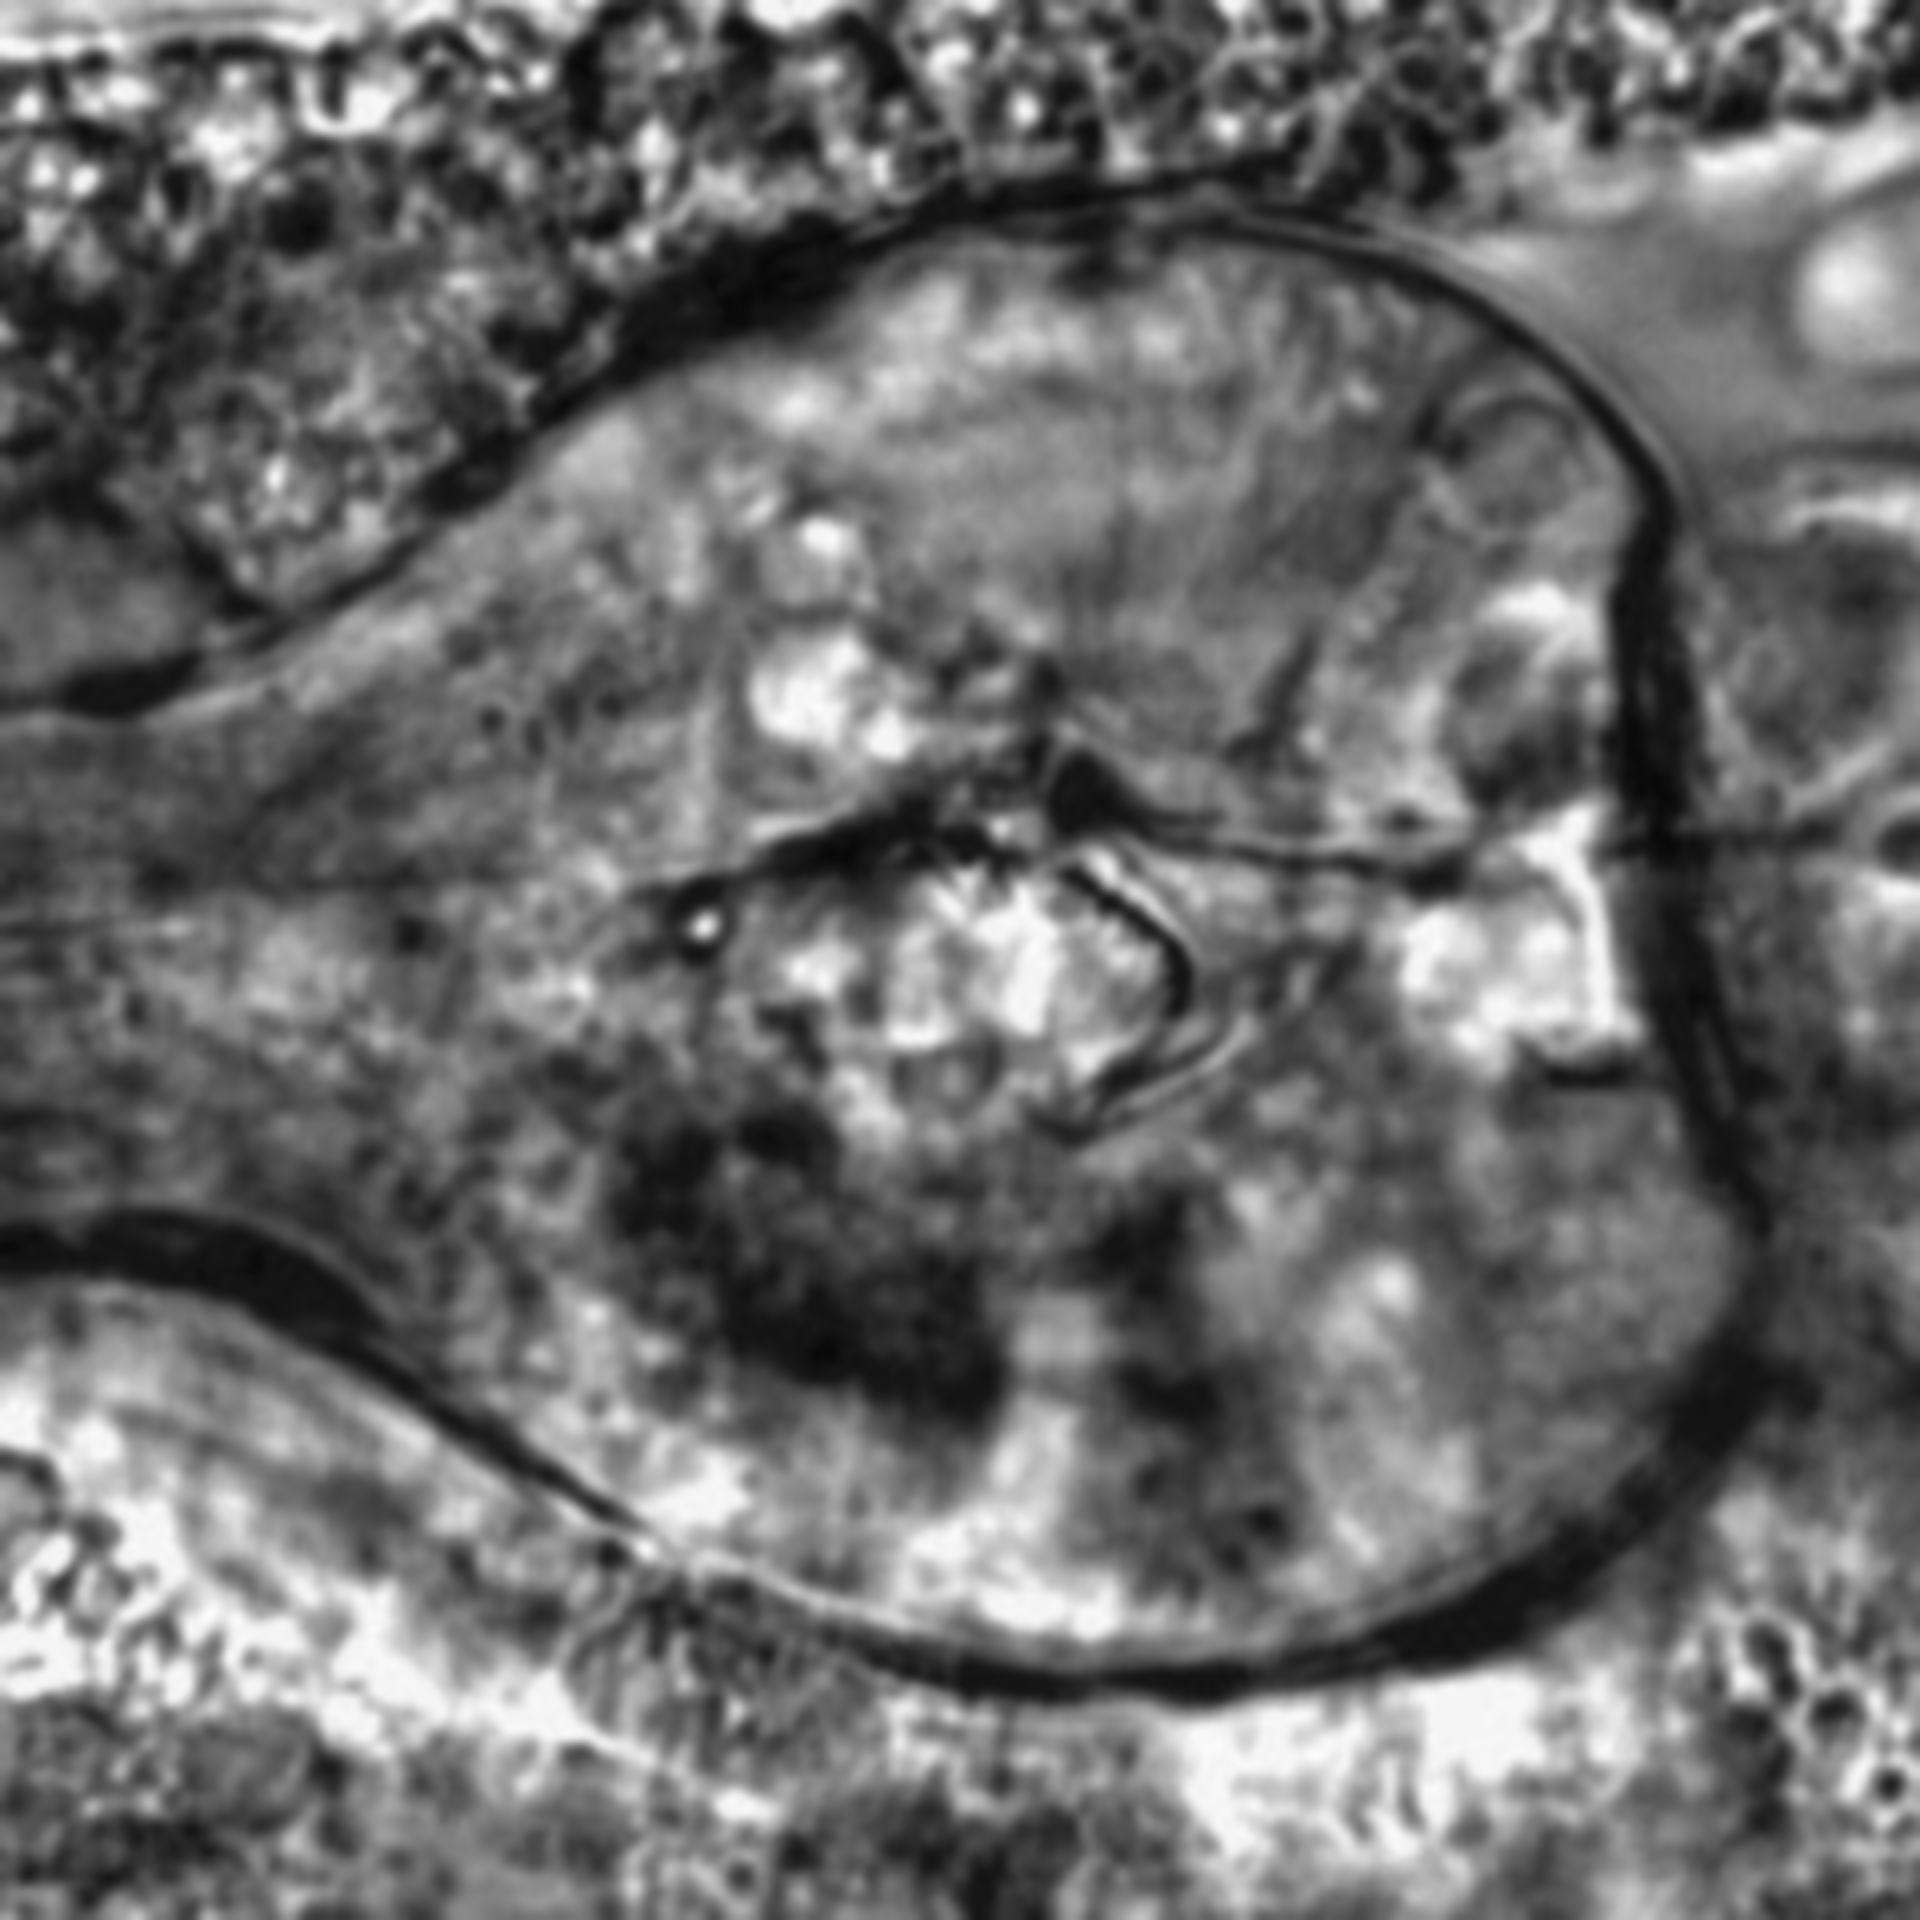 Caenorhabditis elegans - CIL:2764